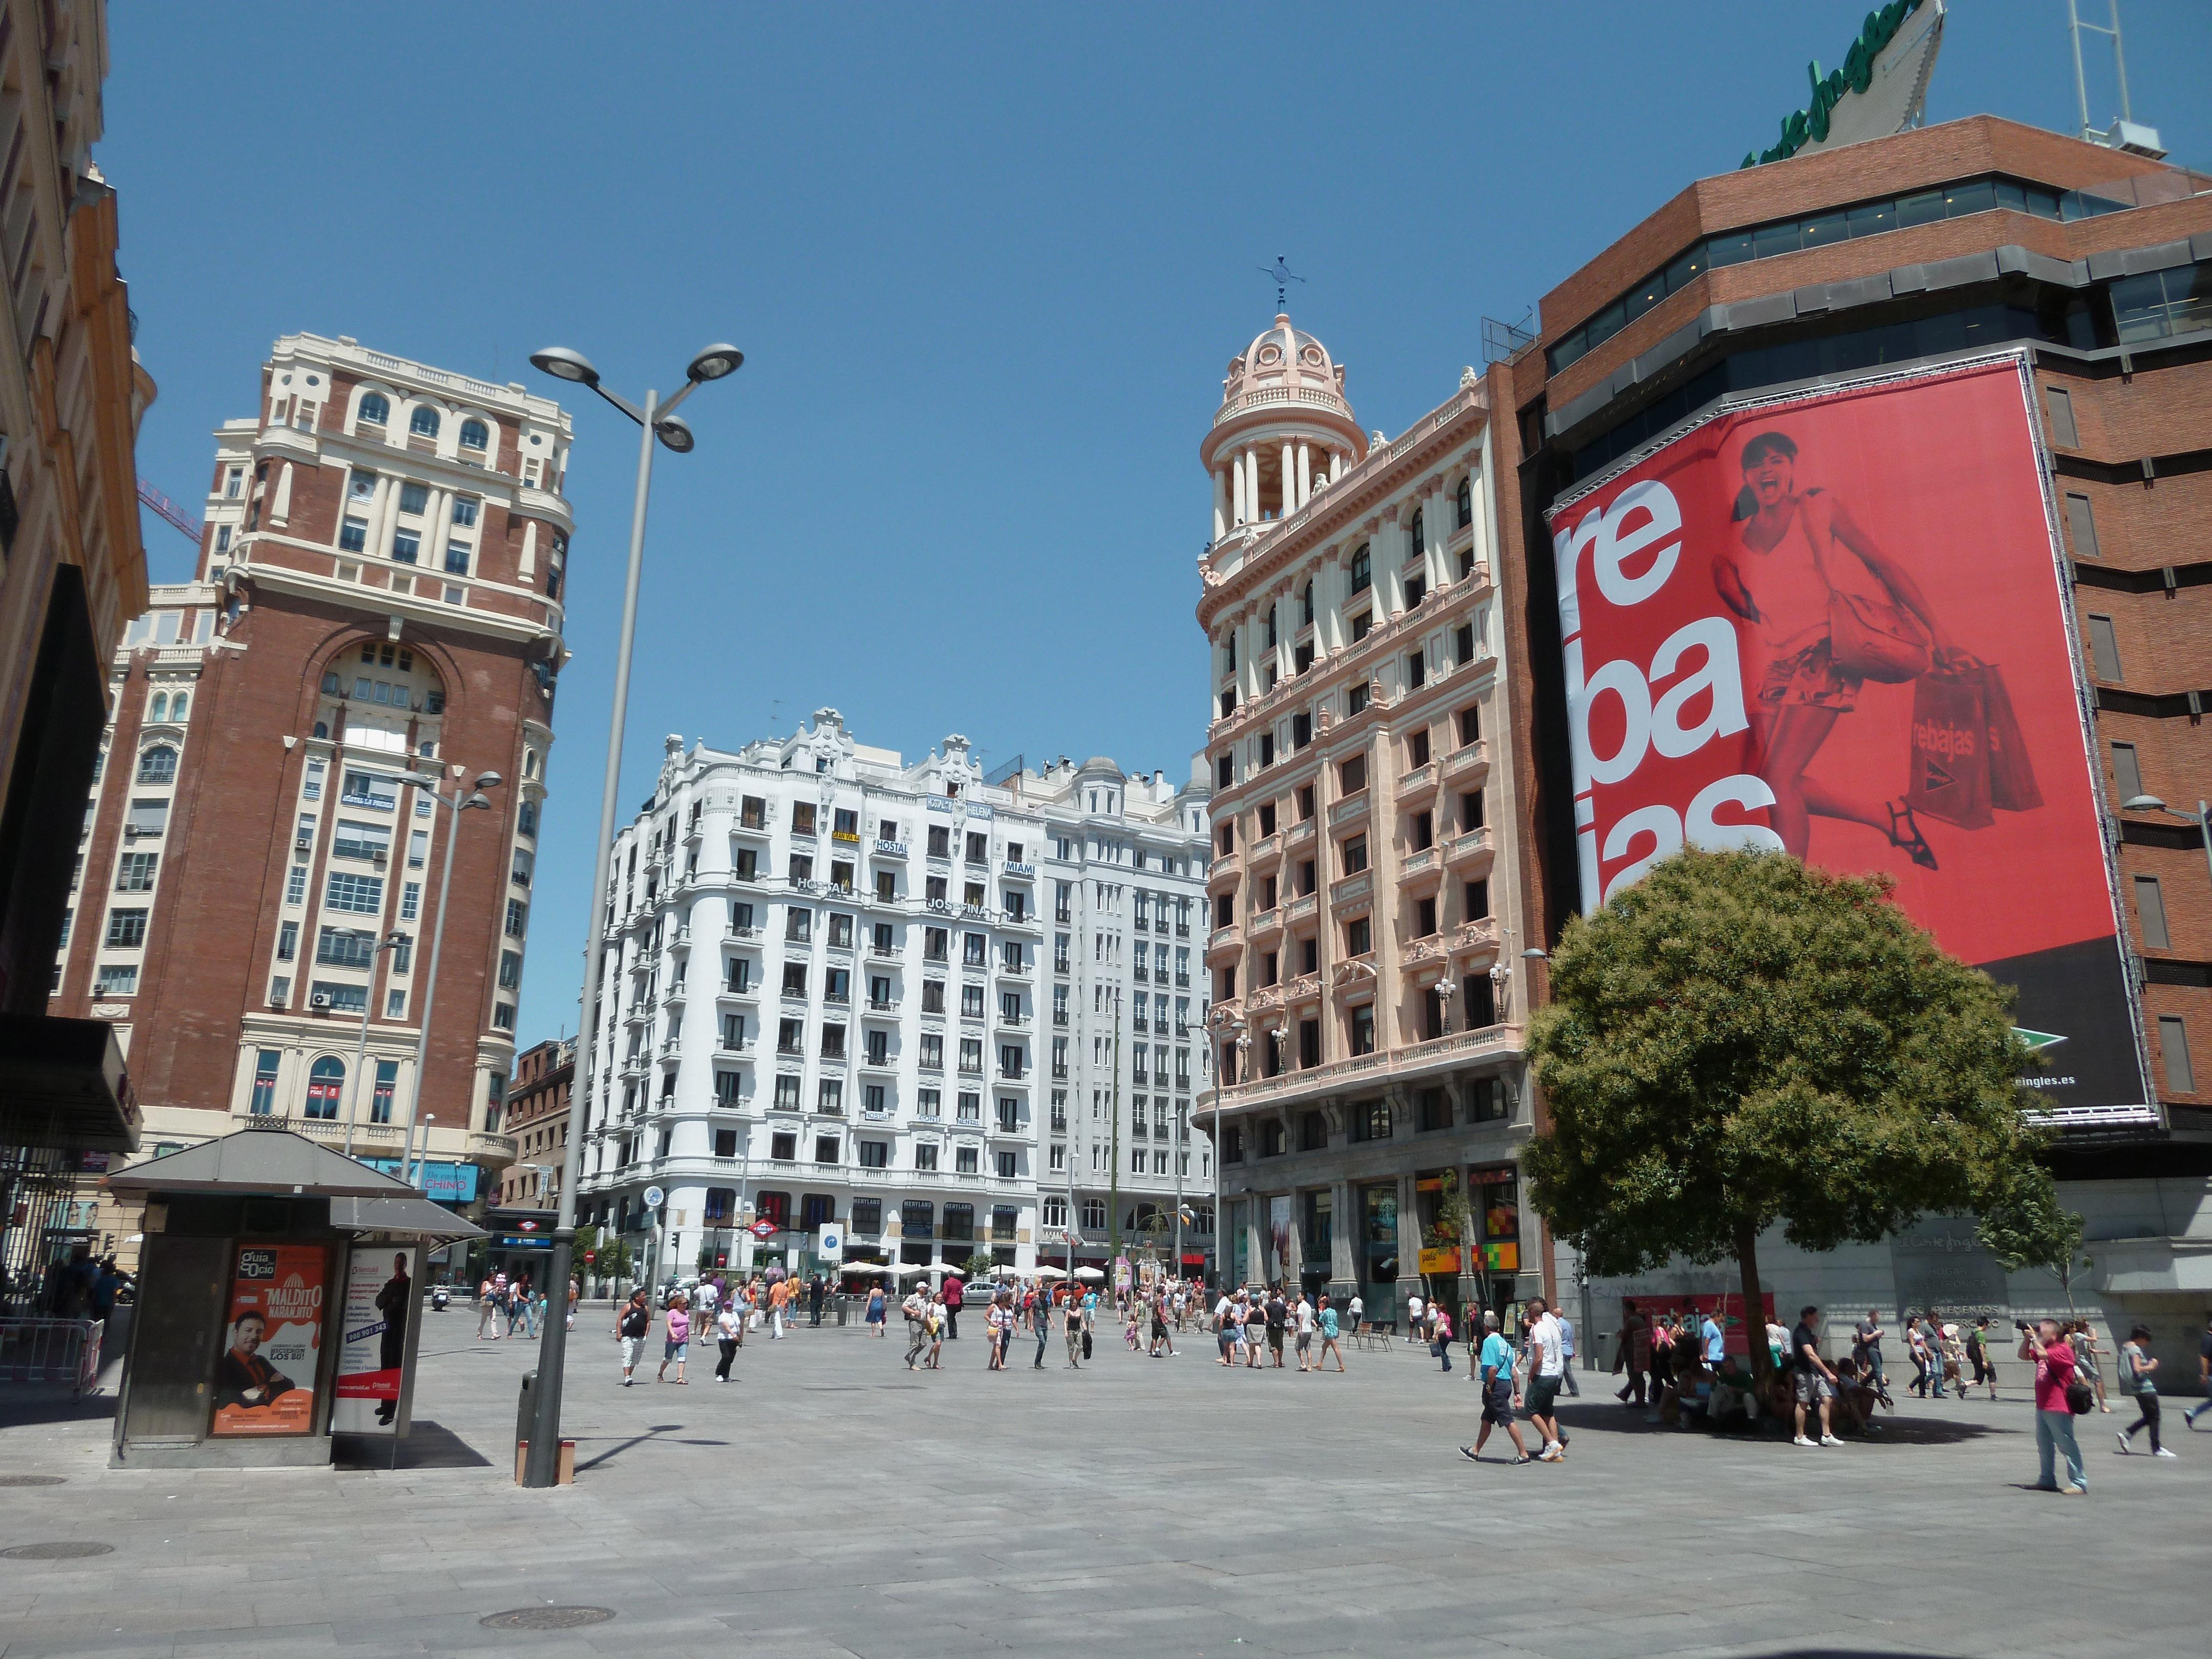 File:Plaza del Callao (Madrid) 06.jpg - Wikimedia Commons